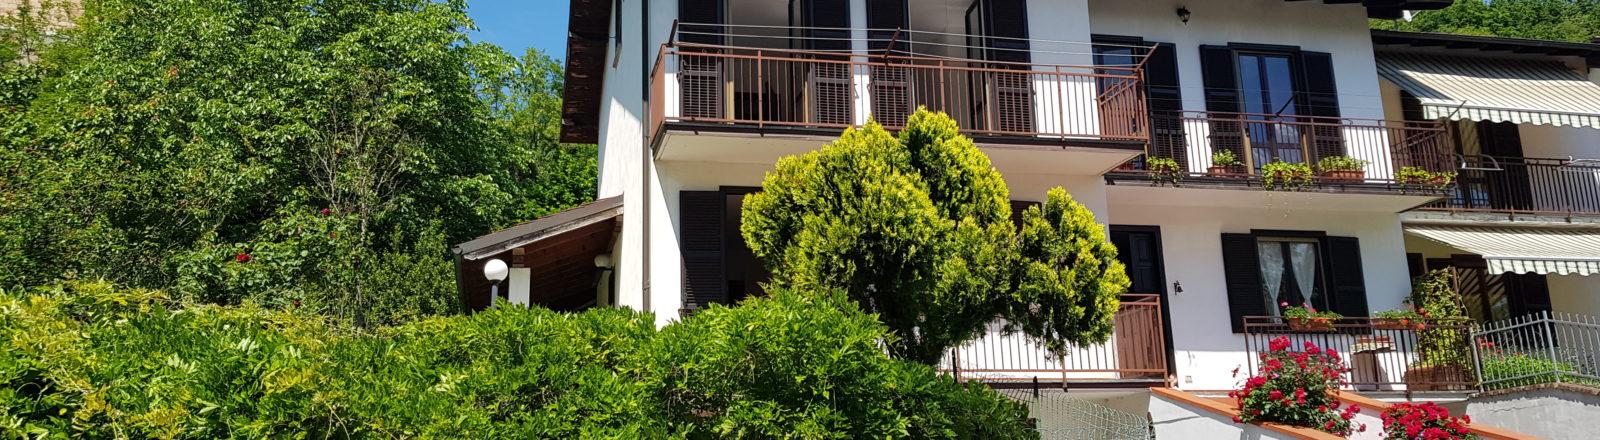 Vendita Casa indipendente - 8 Locali Gavi (AL)